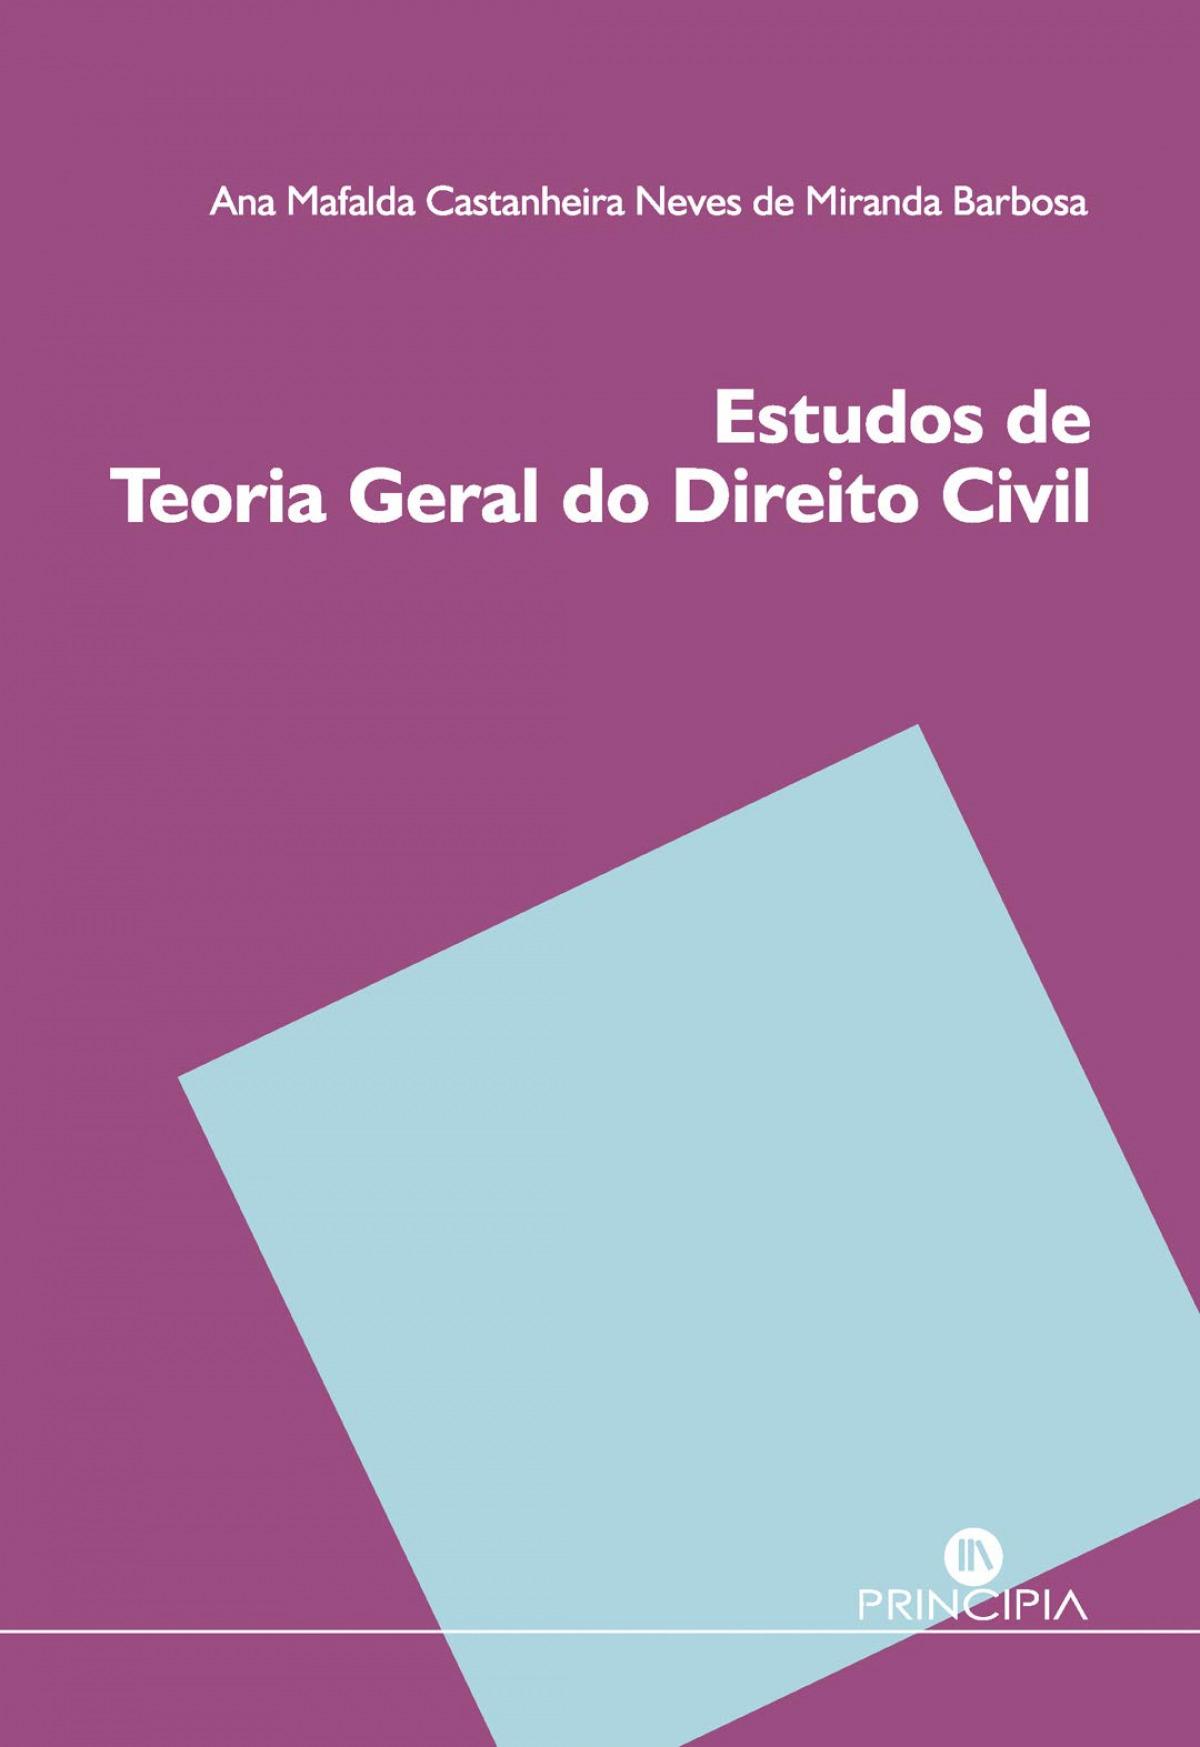 Estudos de Teoría Geral do Direito Civil 9789897161728